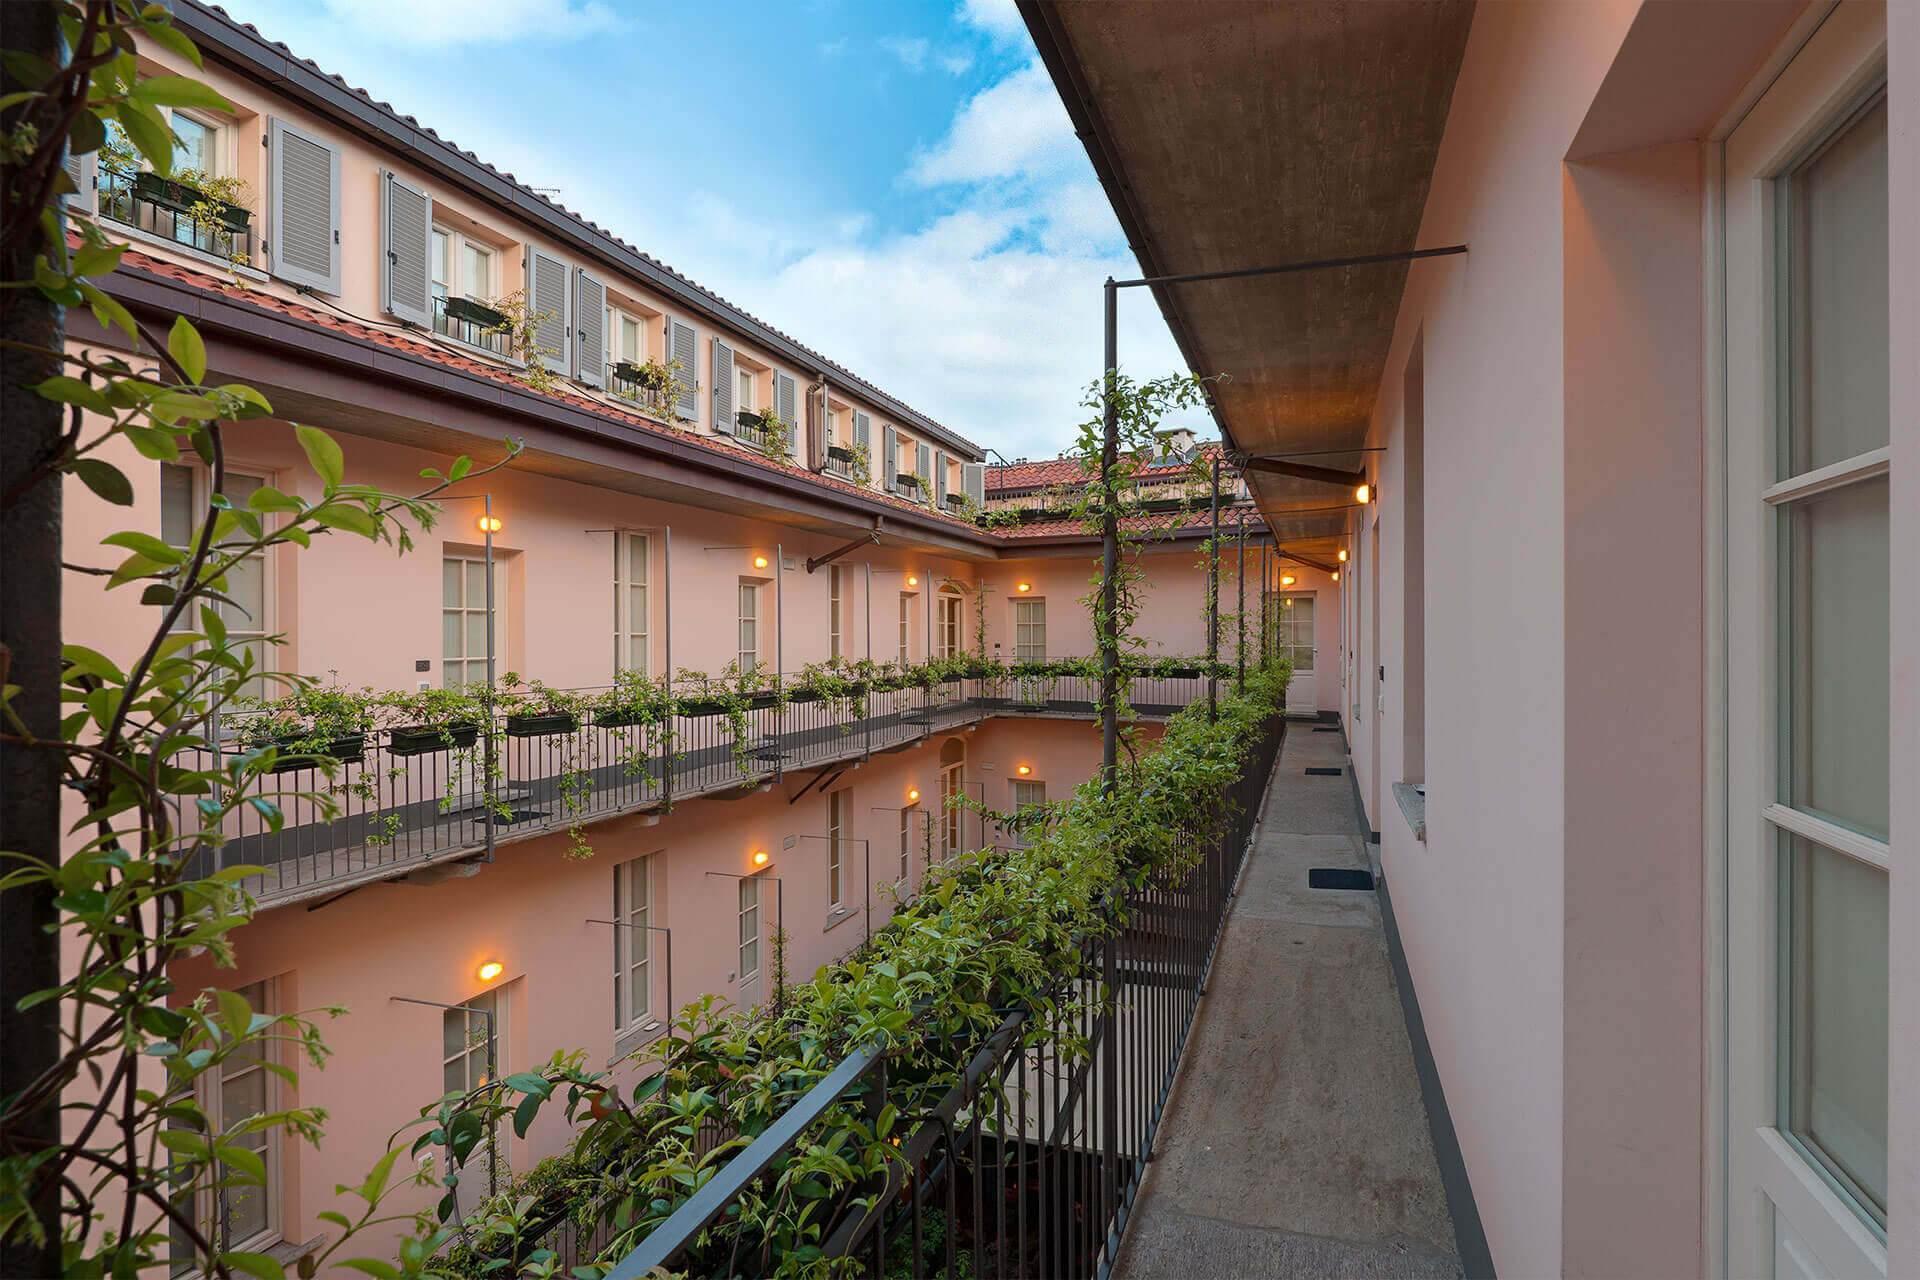 hotel-maison-borella-mi18